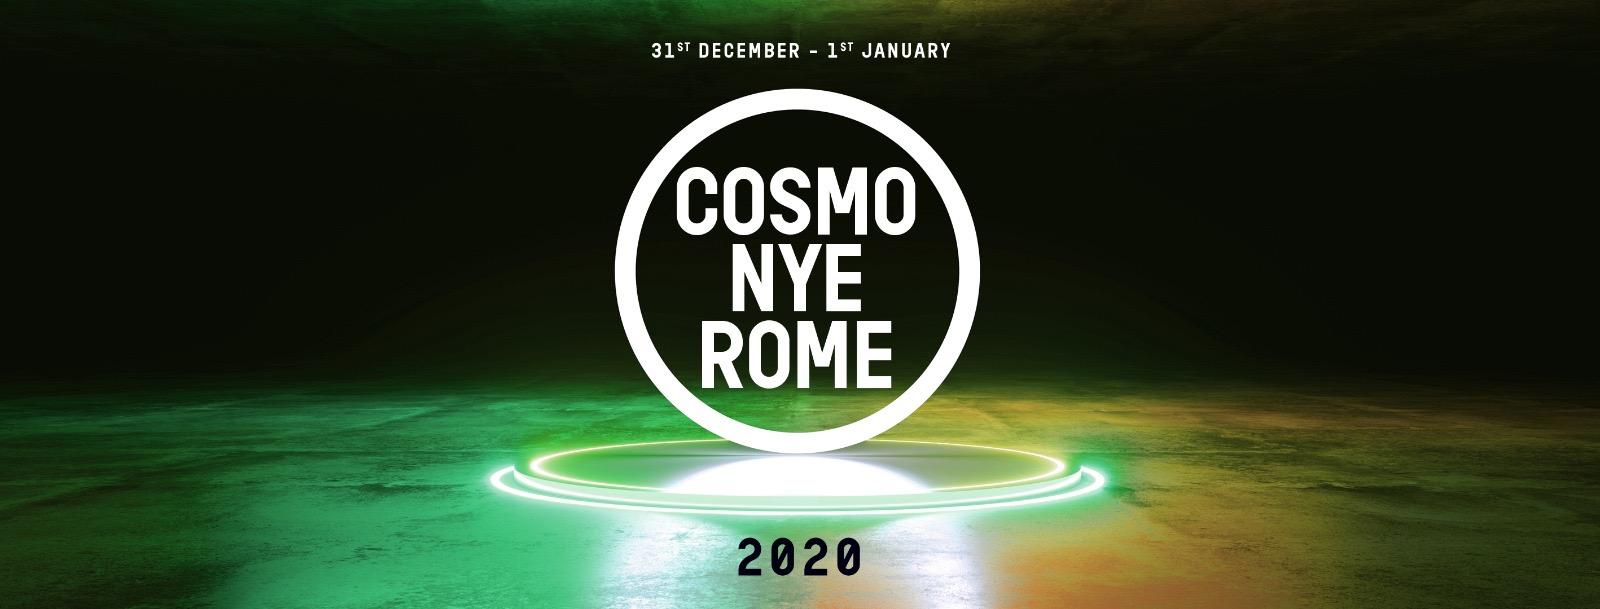 Cosmo Roma Festival NYE – Capodanno 2020 Roma – Ticket & Pacchetti Hotel